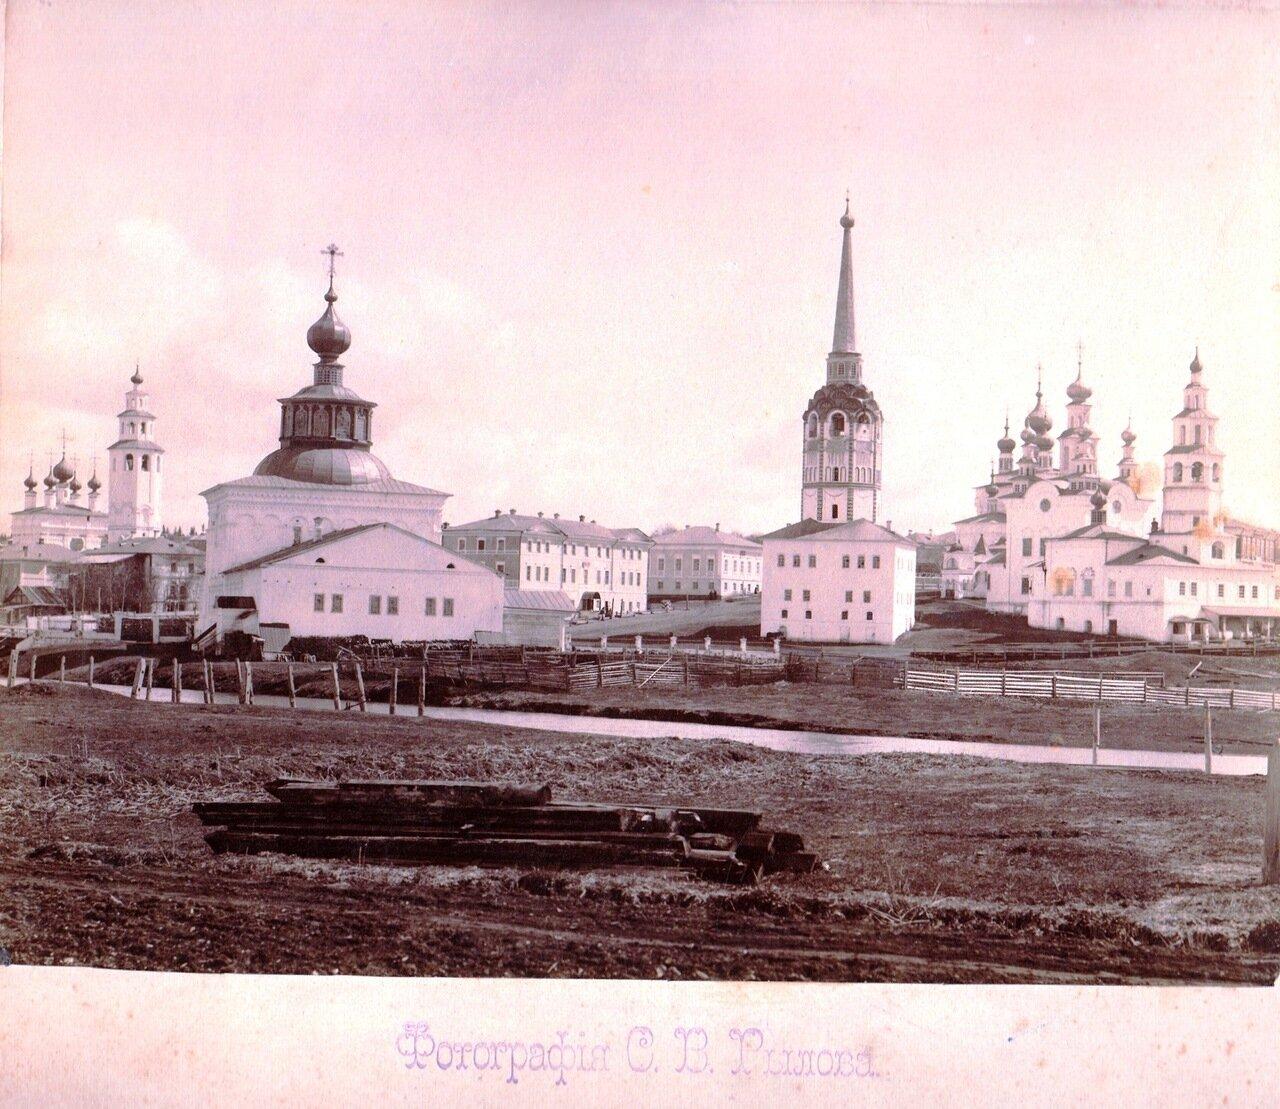 Вид на город с запада. Крестовоздвиженский собор, Соборная колокольня, Воскресенская церковь